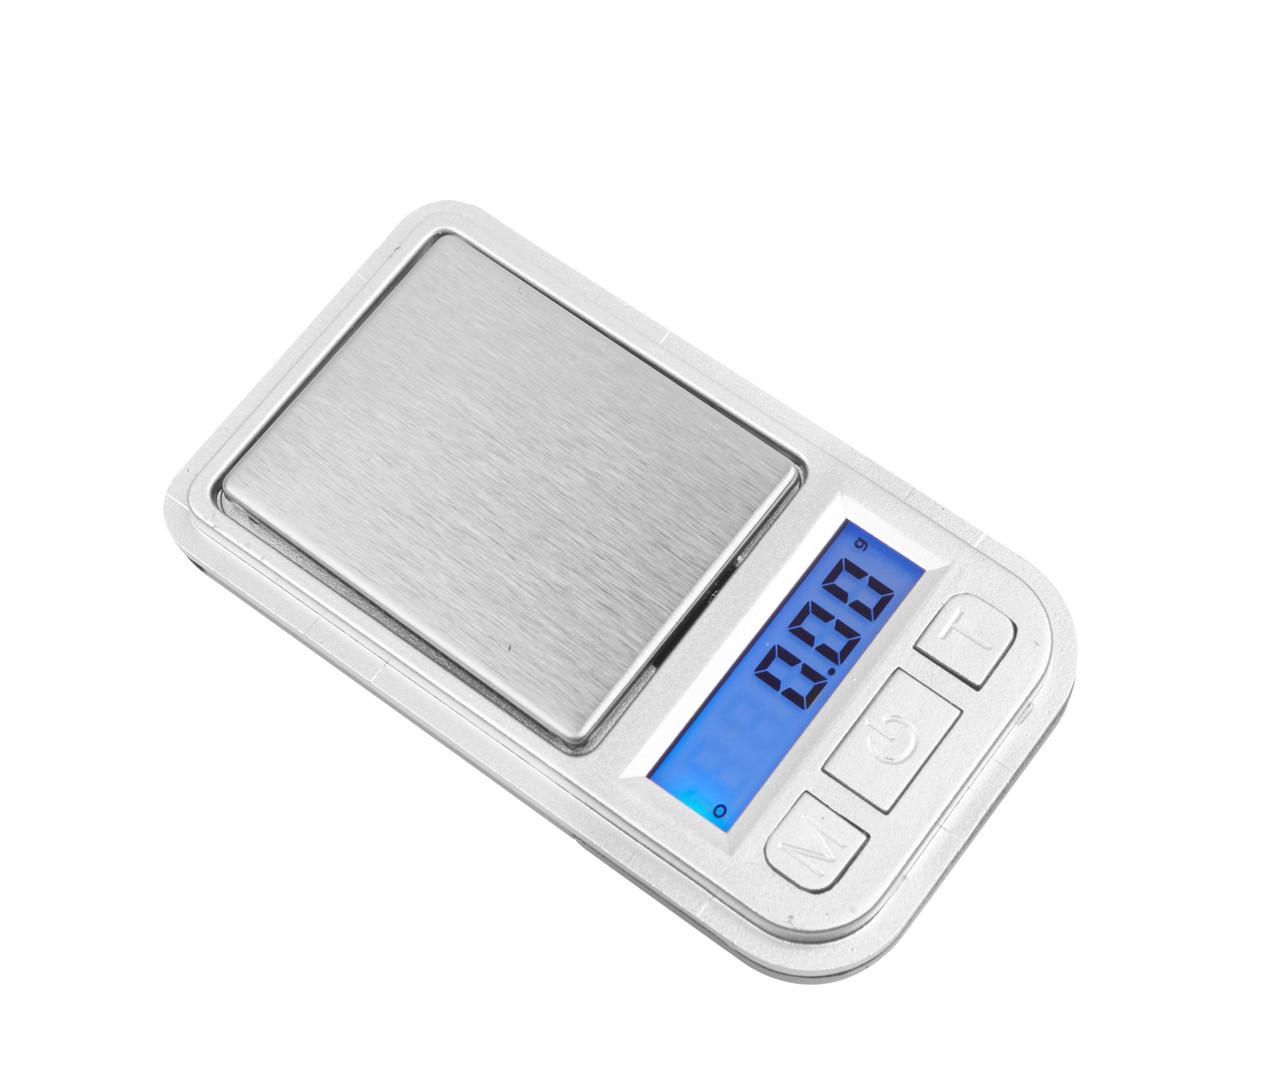 Весы ювелирные MATRIX MX-200GM, Электронные ювелирные весы, Портативные весы 200гр, Карманные весы